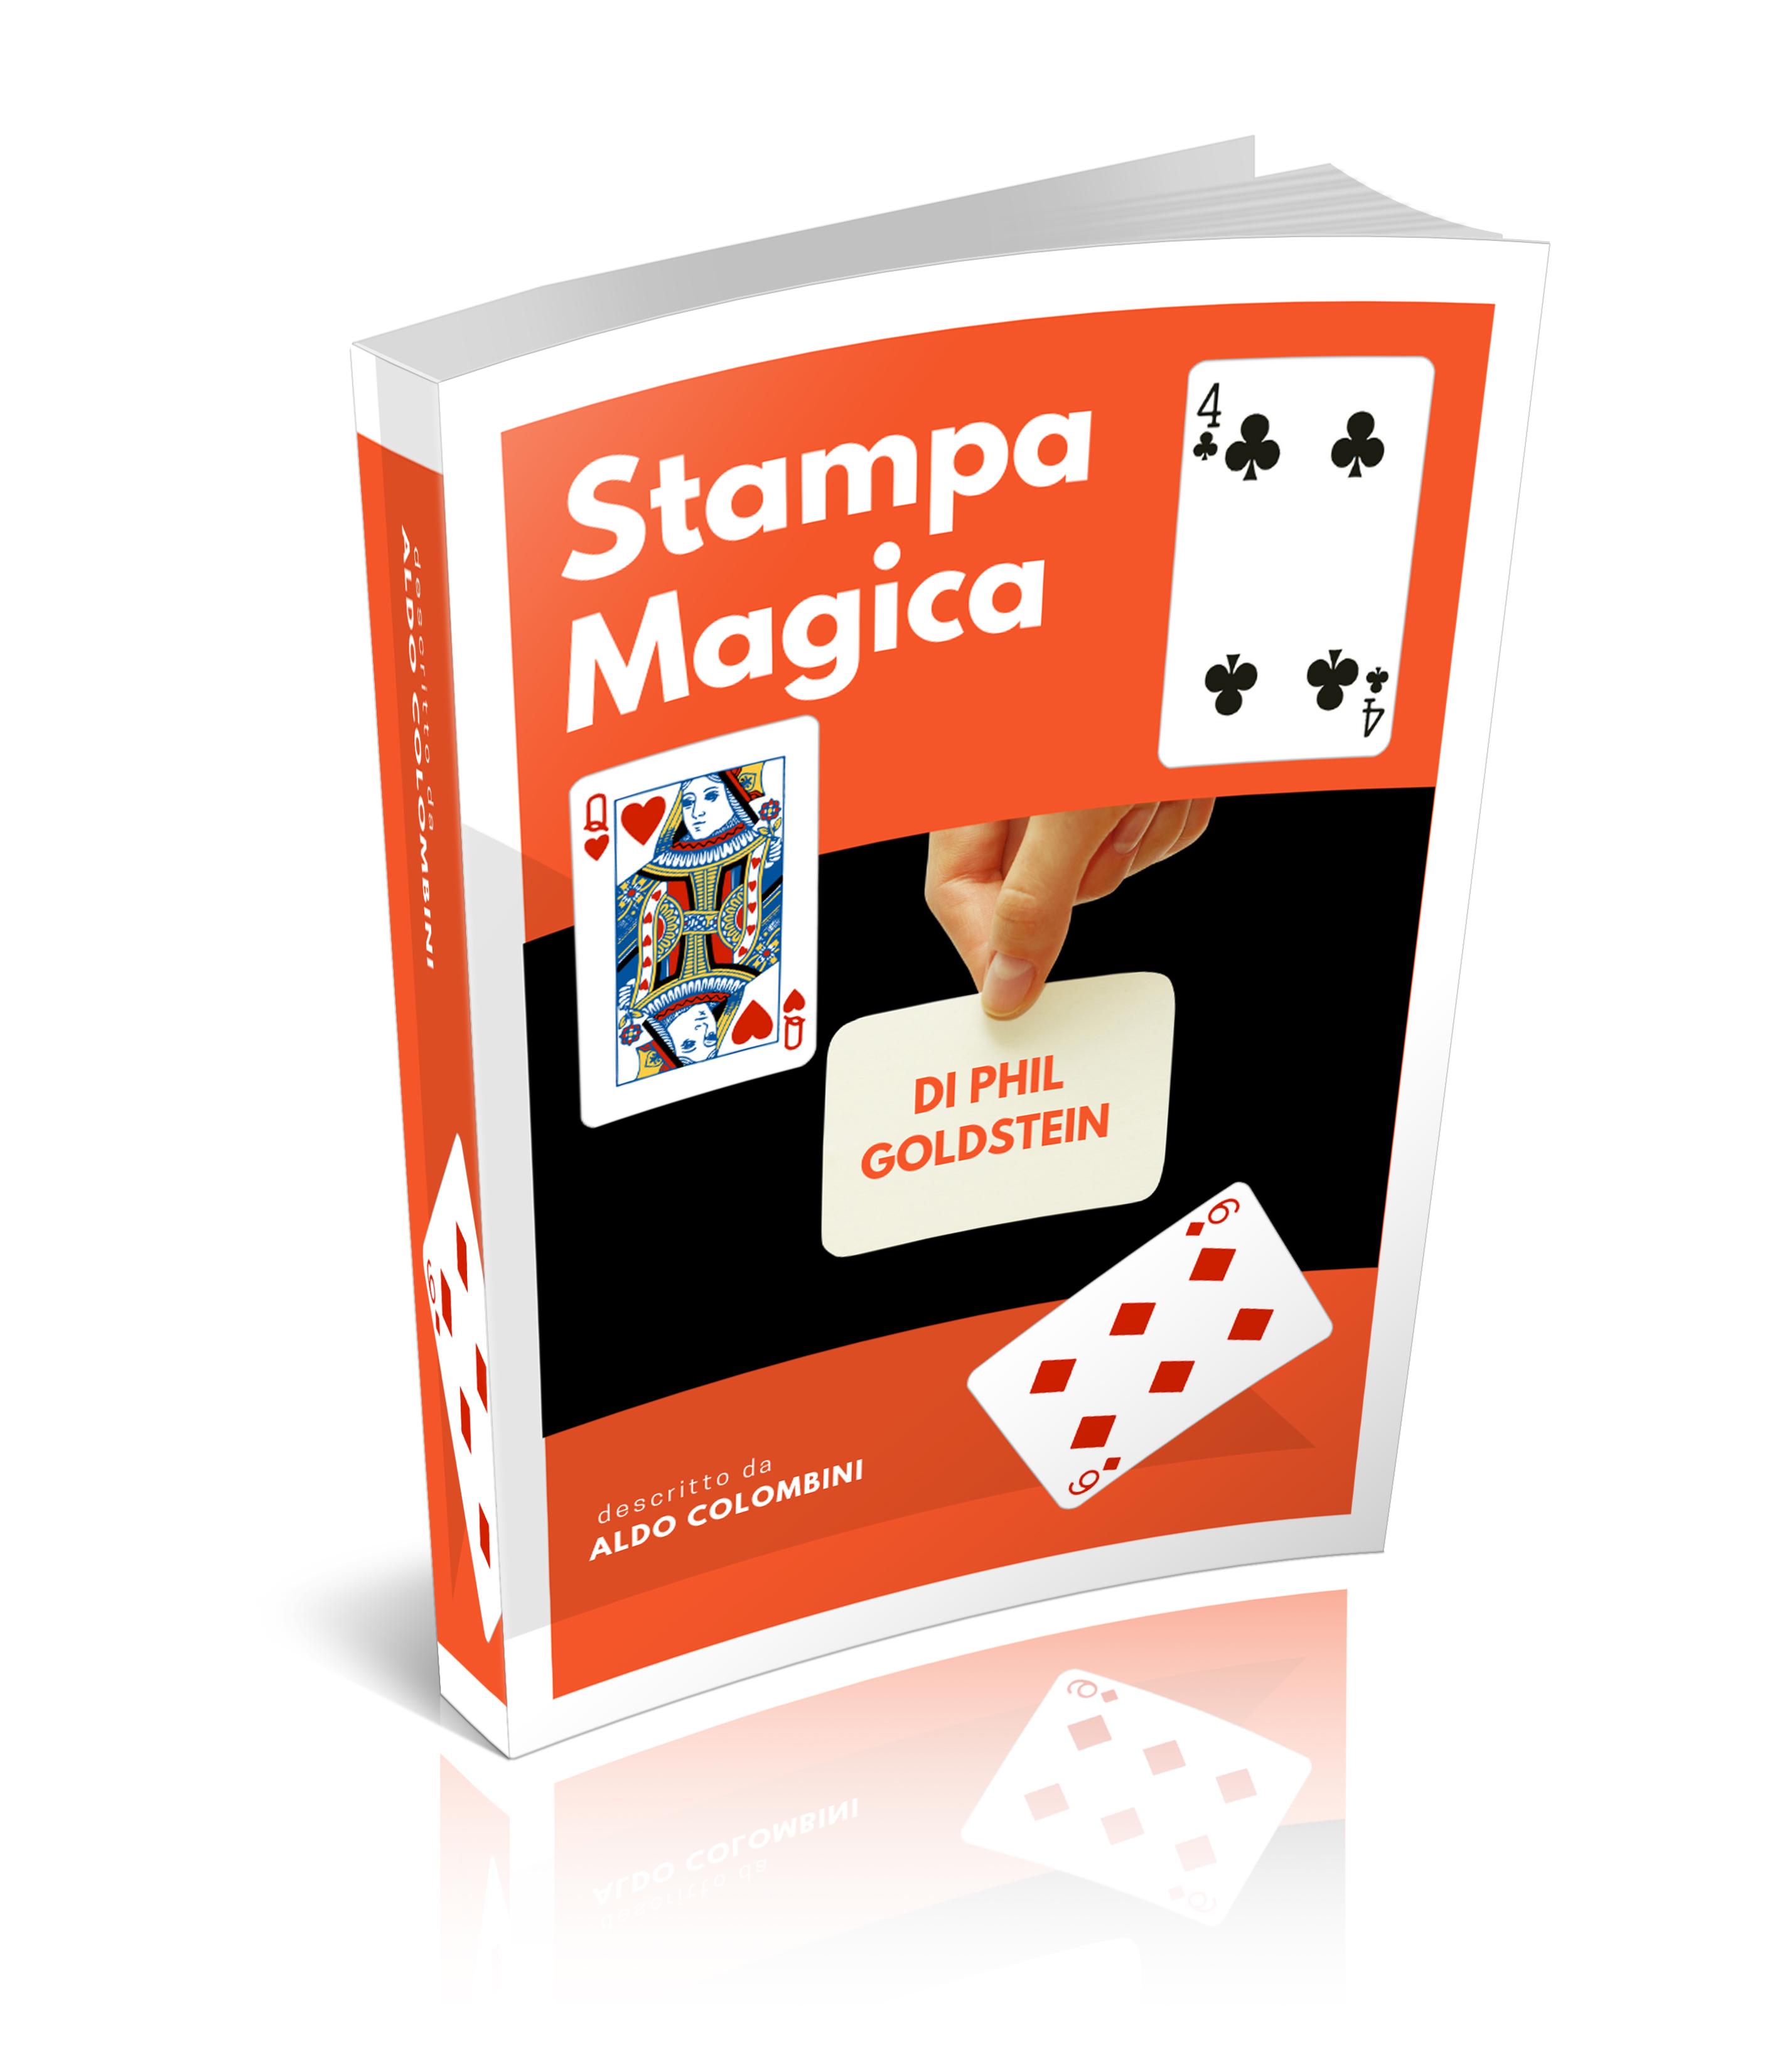 Stampa Magica